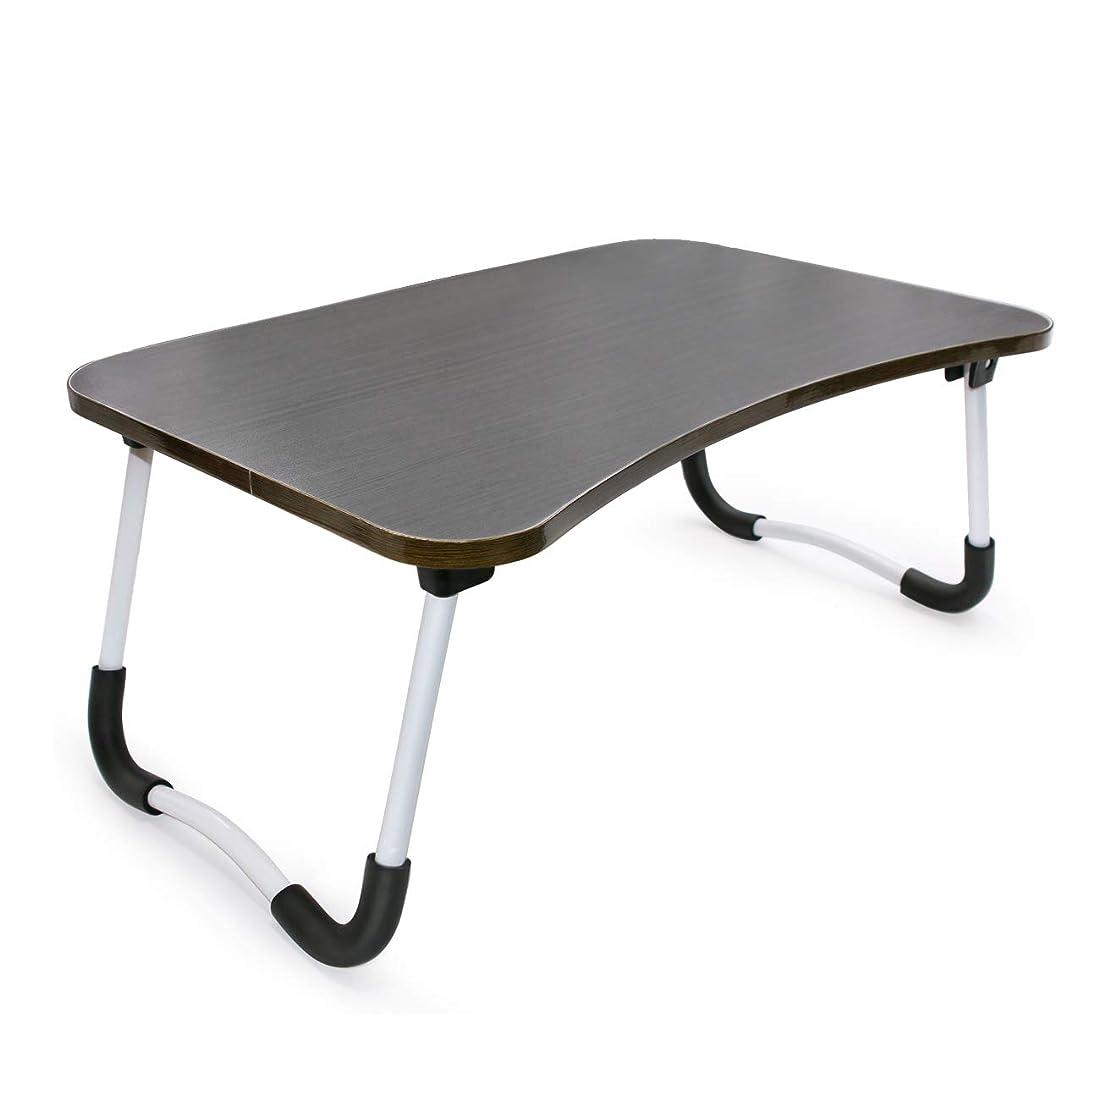 読みやすい性交憂鬱JINGJINGMAX ローテーブル ラップトップテーブル ピクニック軽量折り畳みテーブル 小さなダイニングテーブル 子供の勉強表 (ブラック)